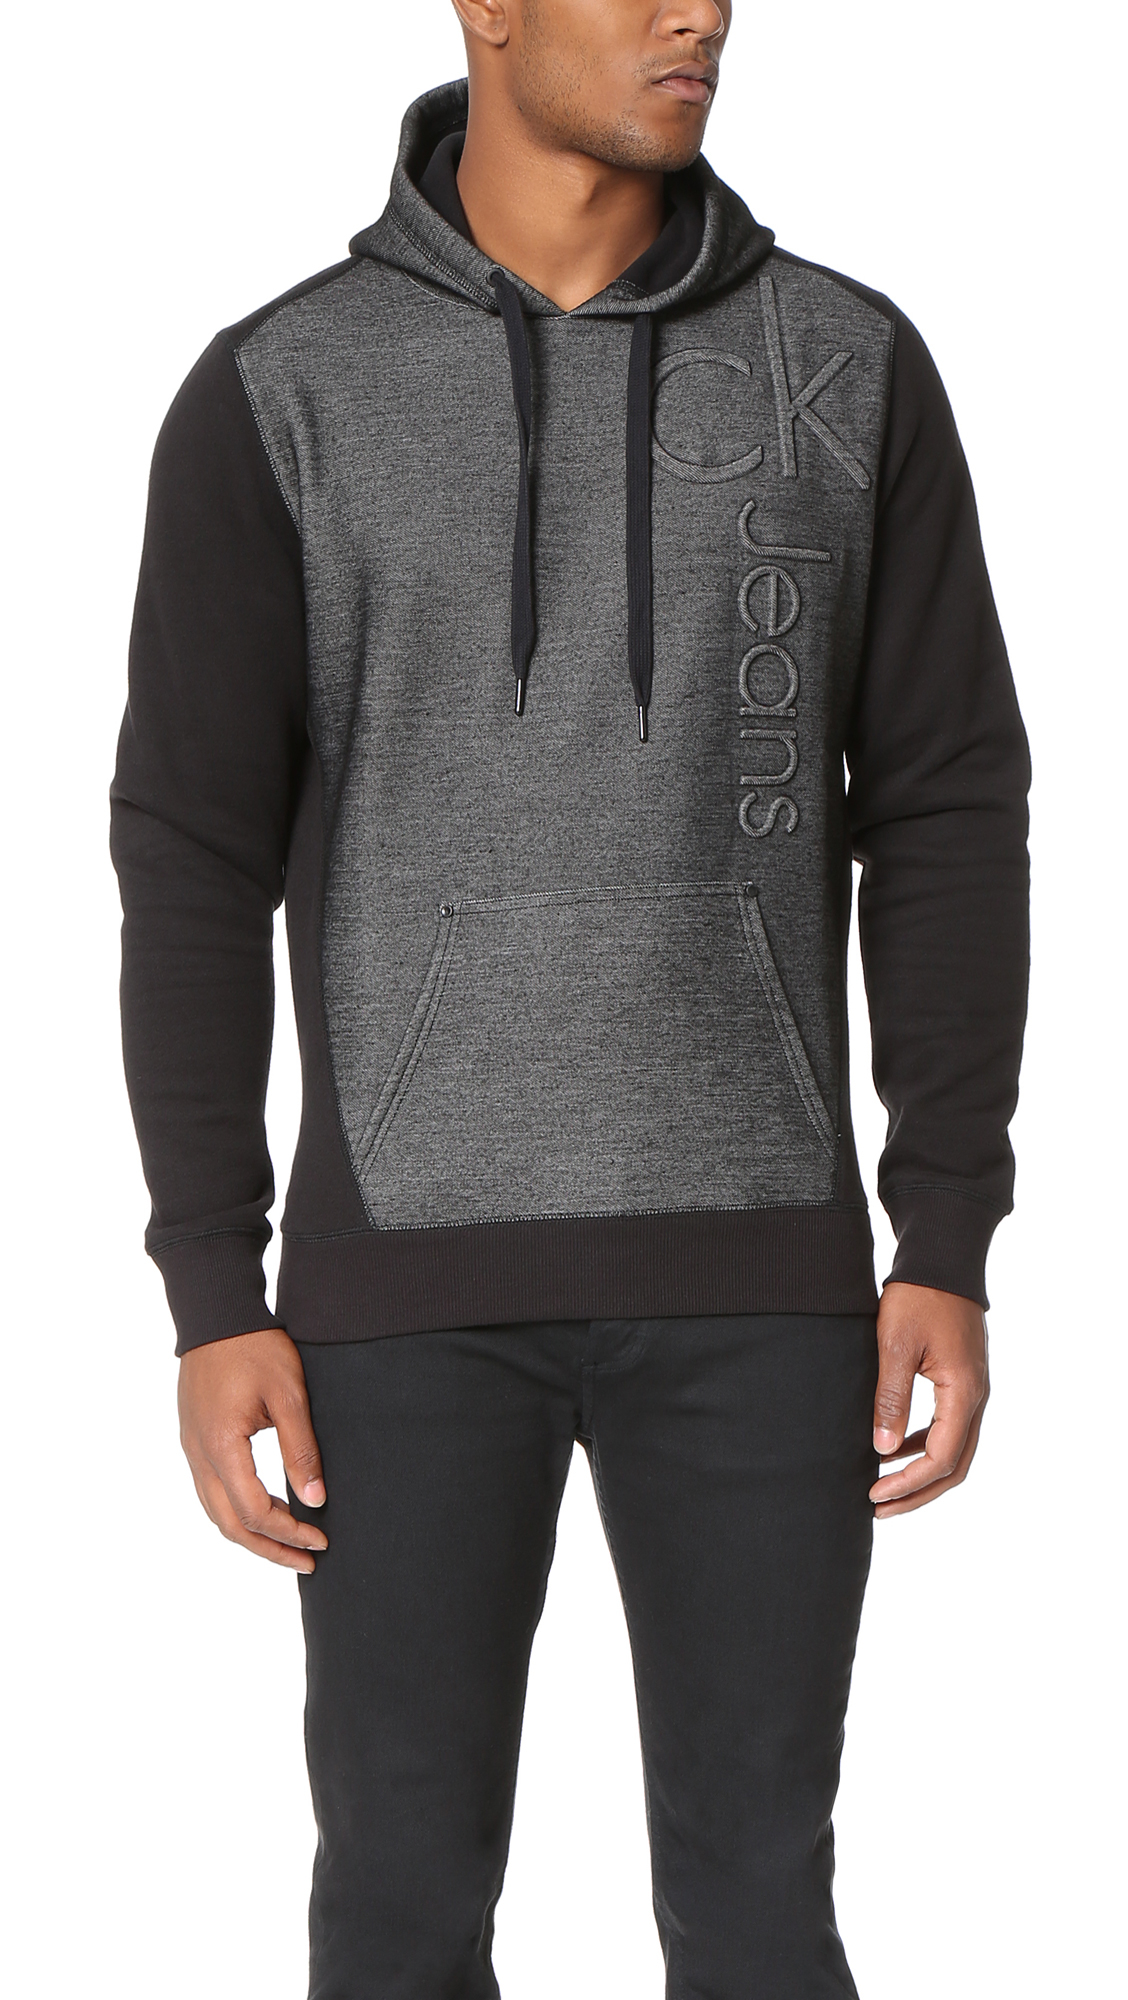 calvin klein jeans bonded logo hoodie in black for men lyst. Black Bedroom Furniture Sets. Home Design Ideas